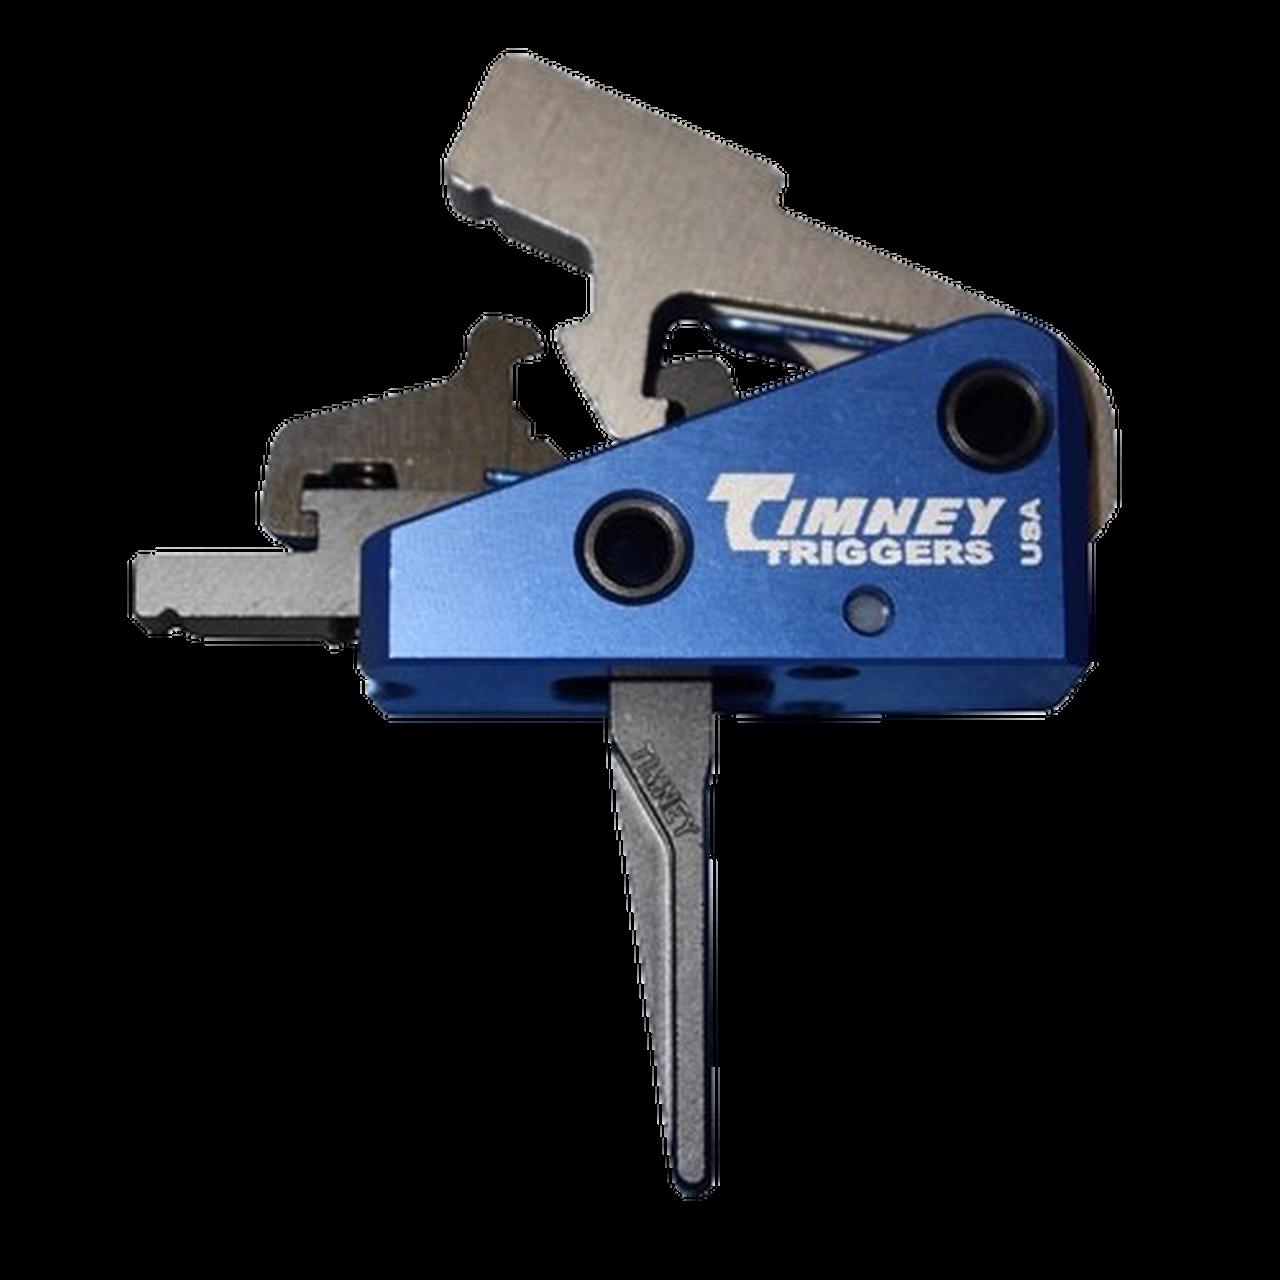 Spoušťový mechanismus Timney Targa pro pušky AR - rovná, krátký chod